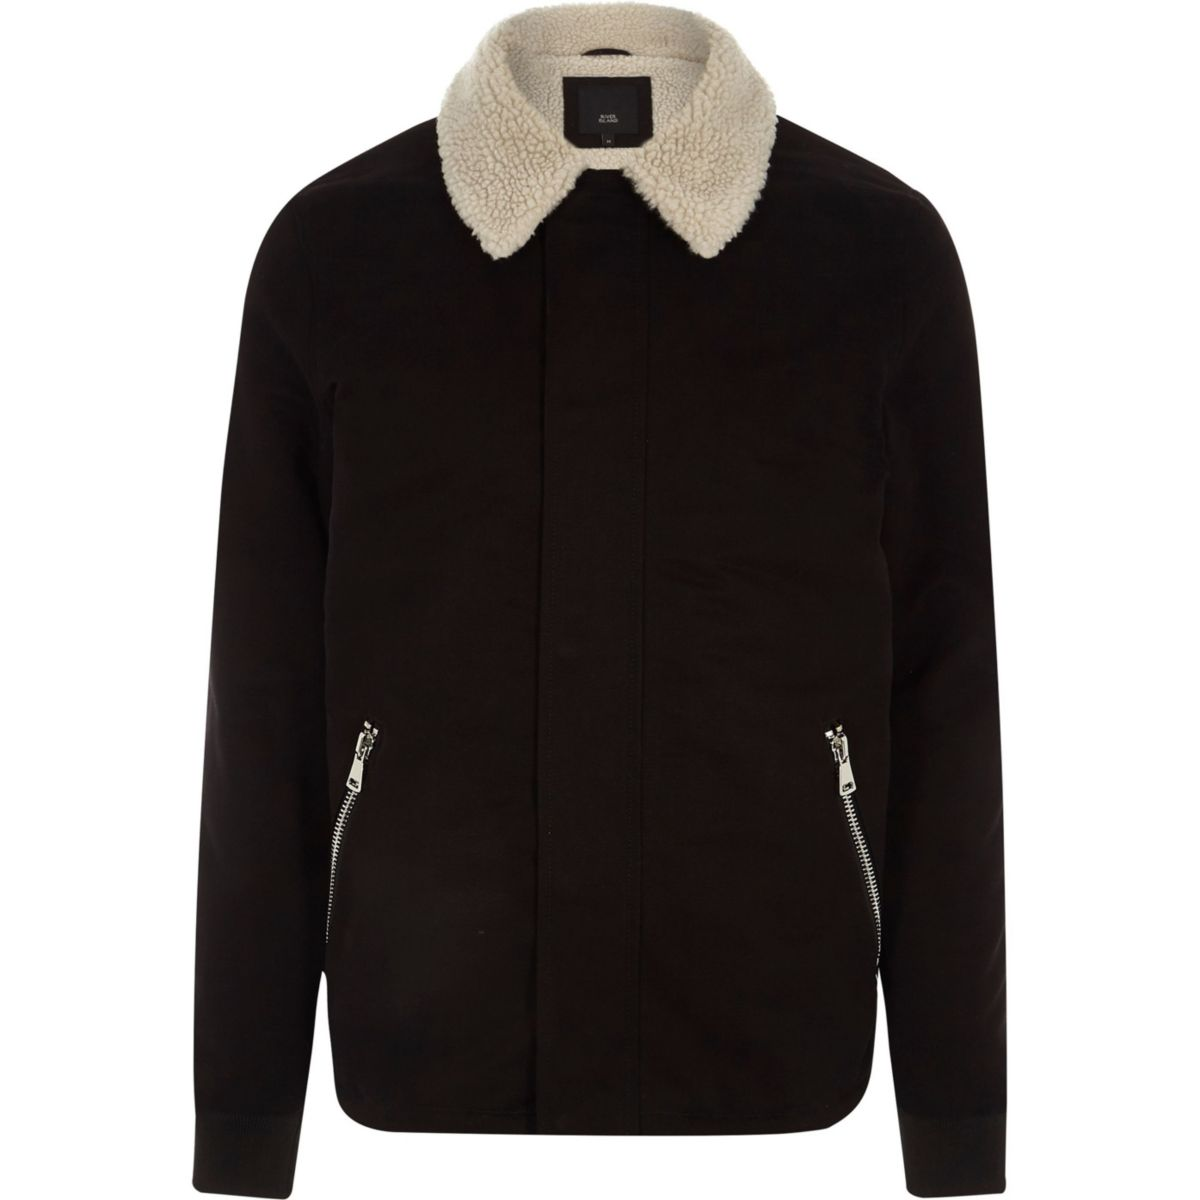 Big & Tall – Veste noire avec col imitation peau de mouton